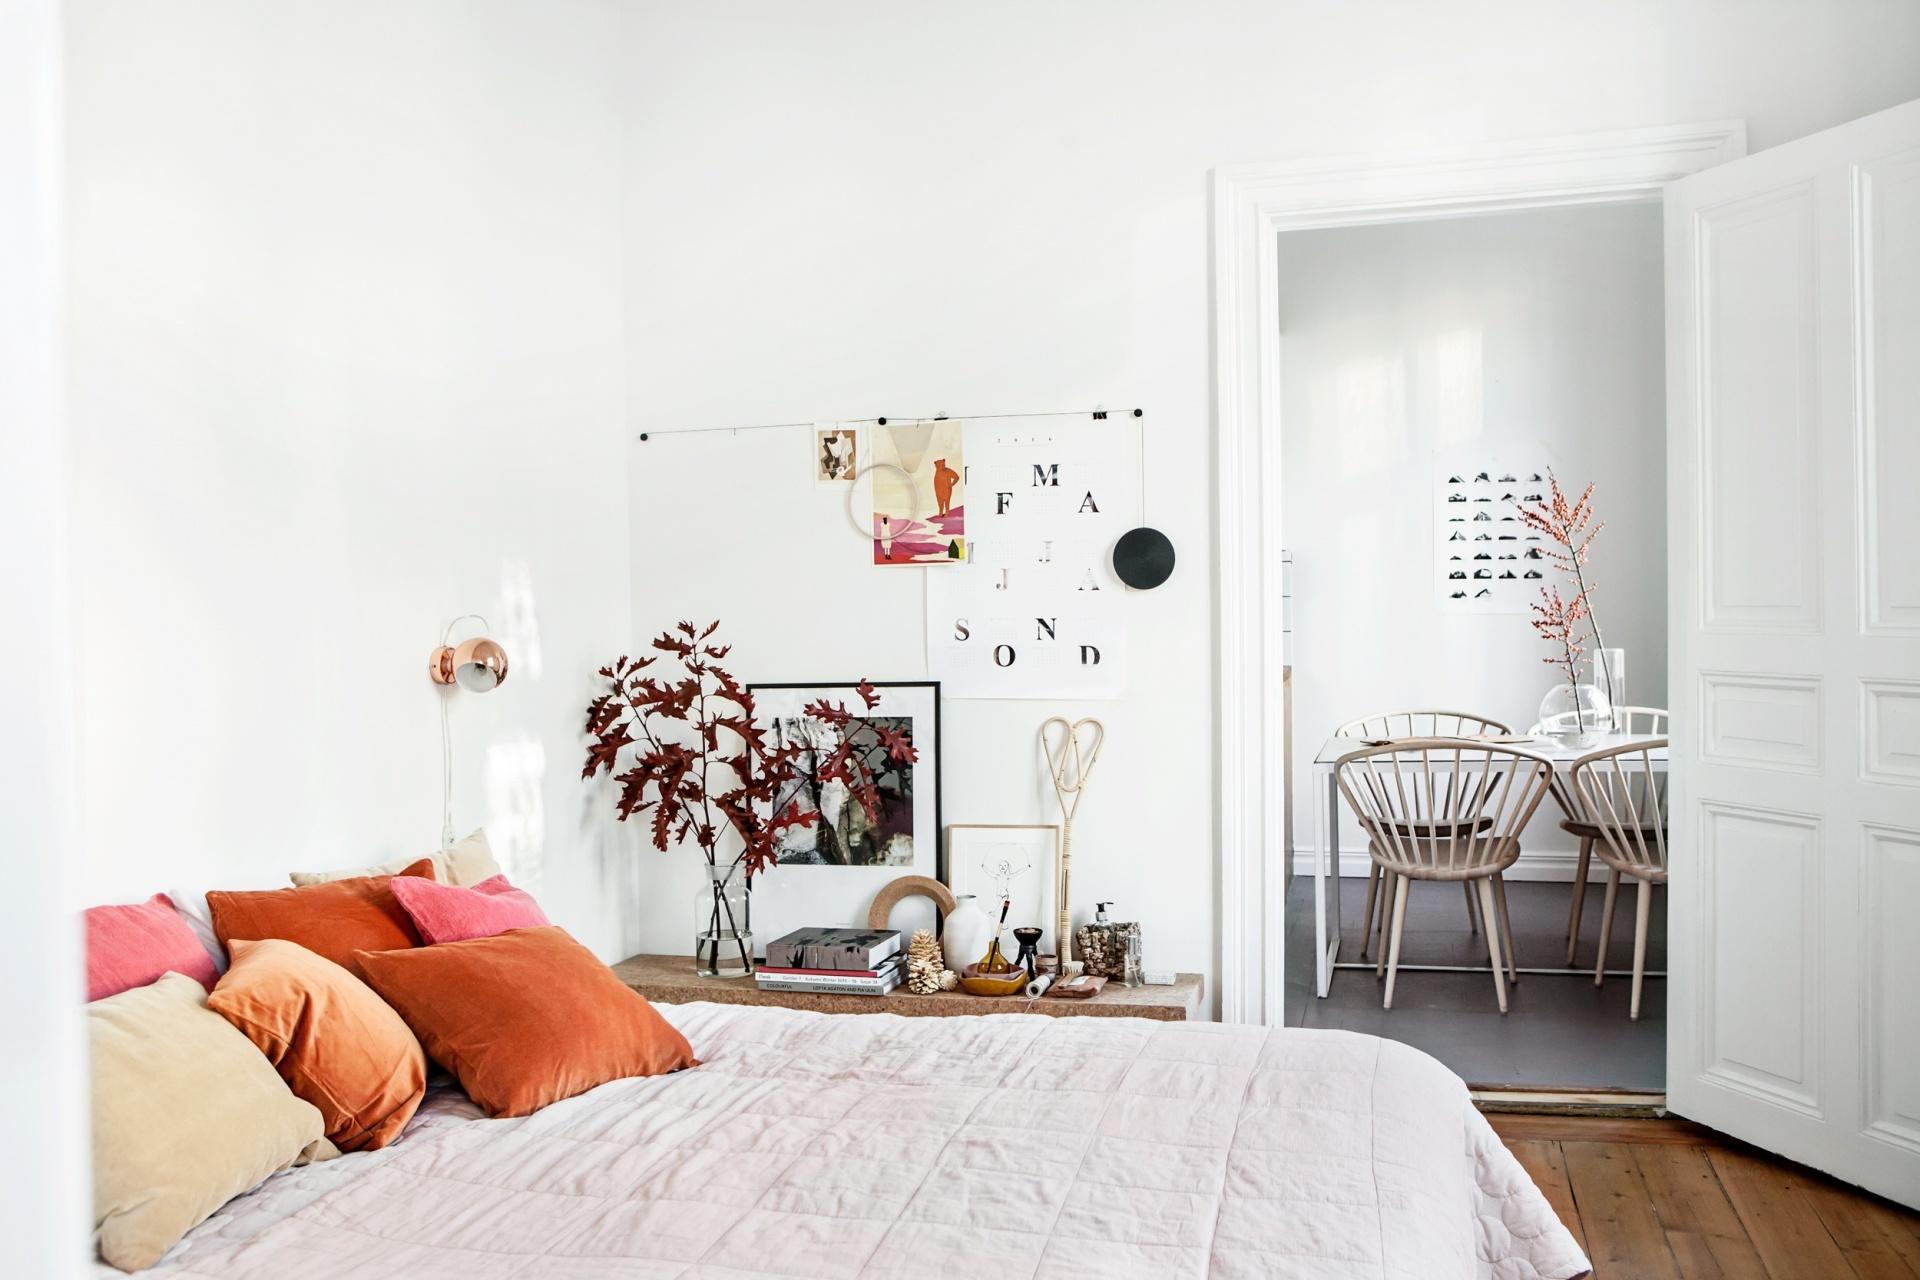 Schlafzimmer einrichten | homegate.ch